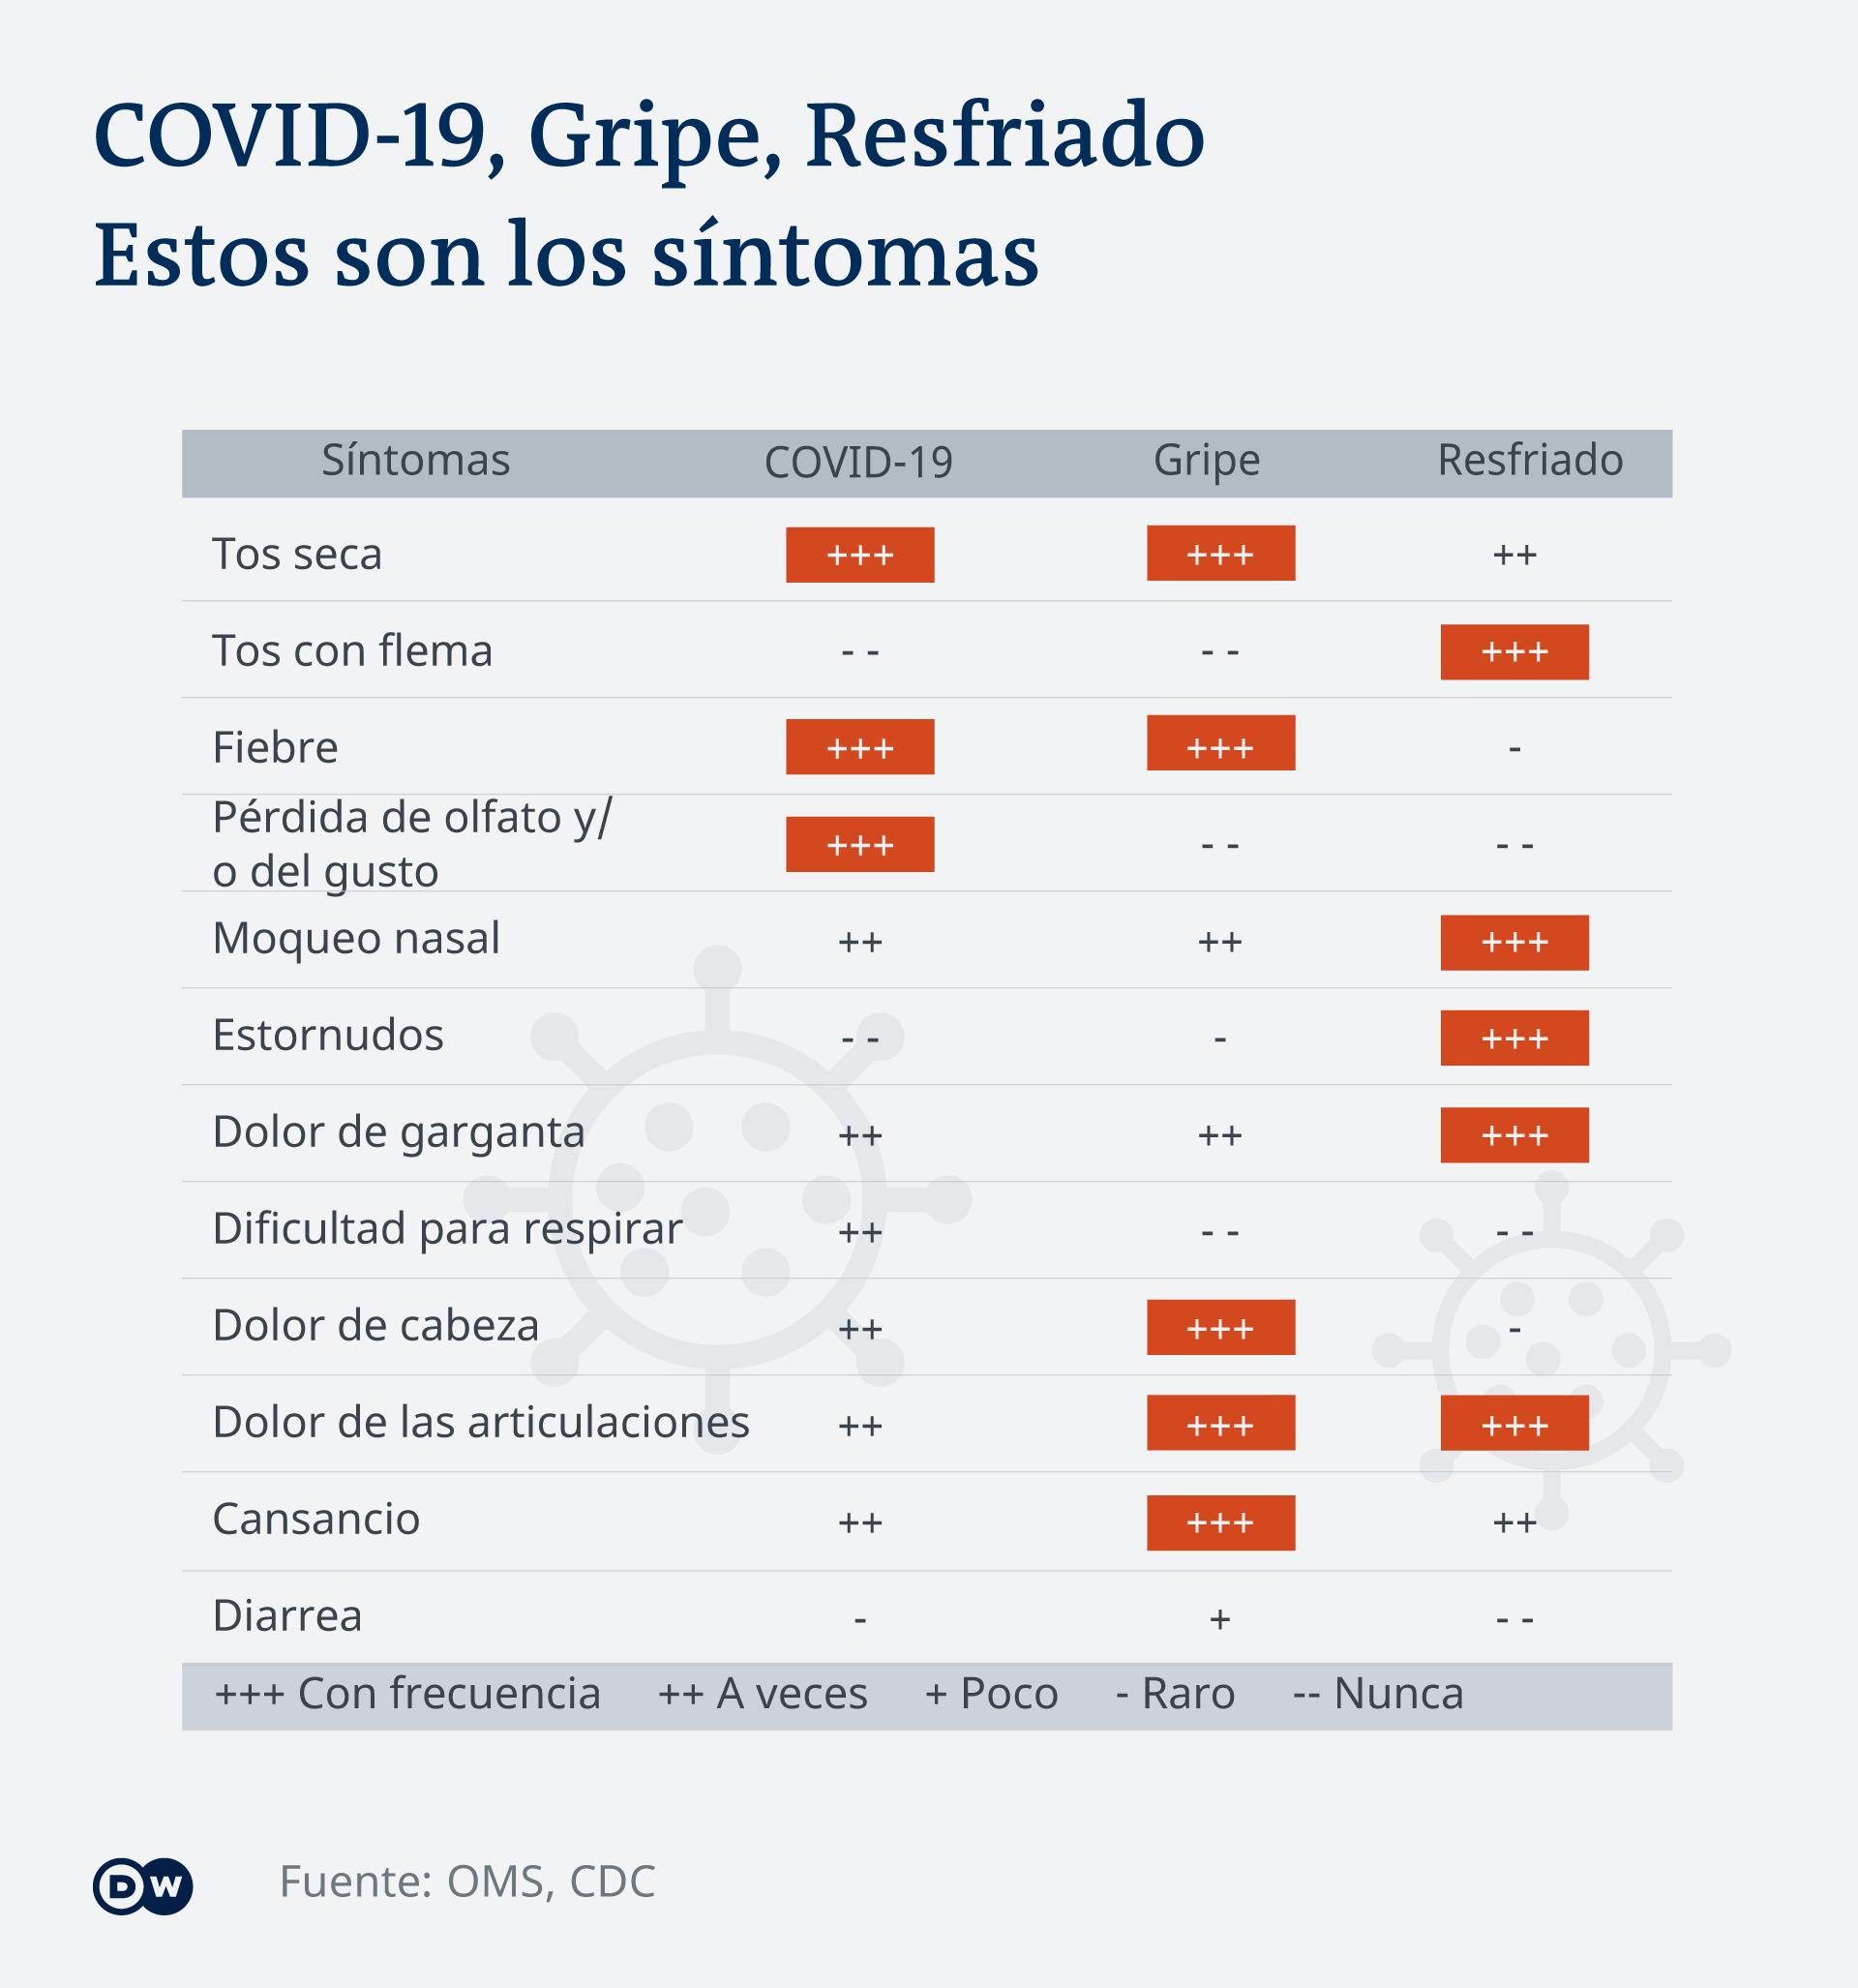 Covid 19 Una Enfermedad Con Siete Grupos De Sintomas Coronavirus Dw 04 11 2020